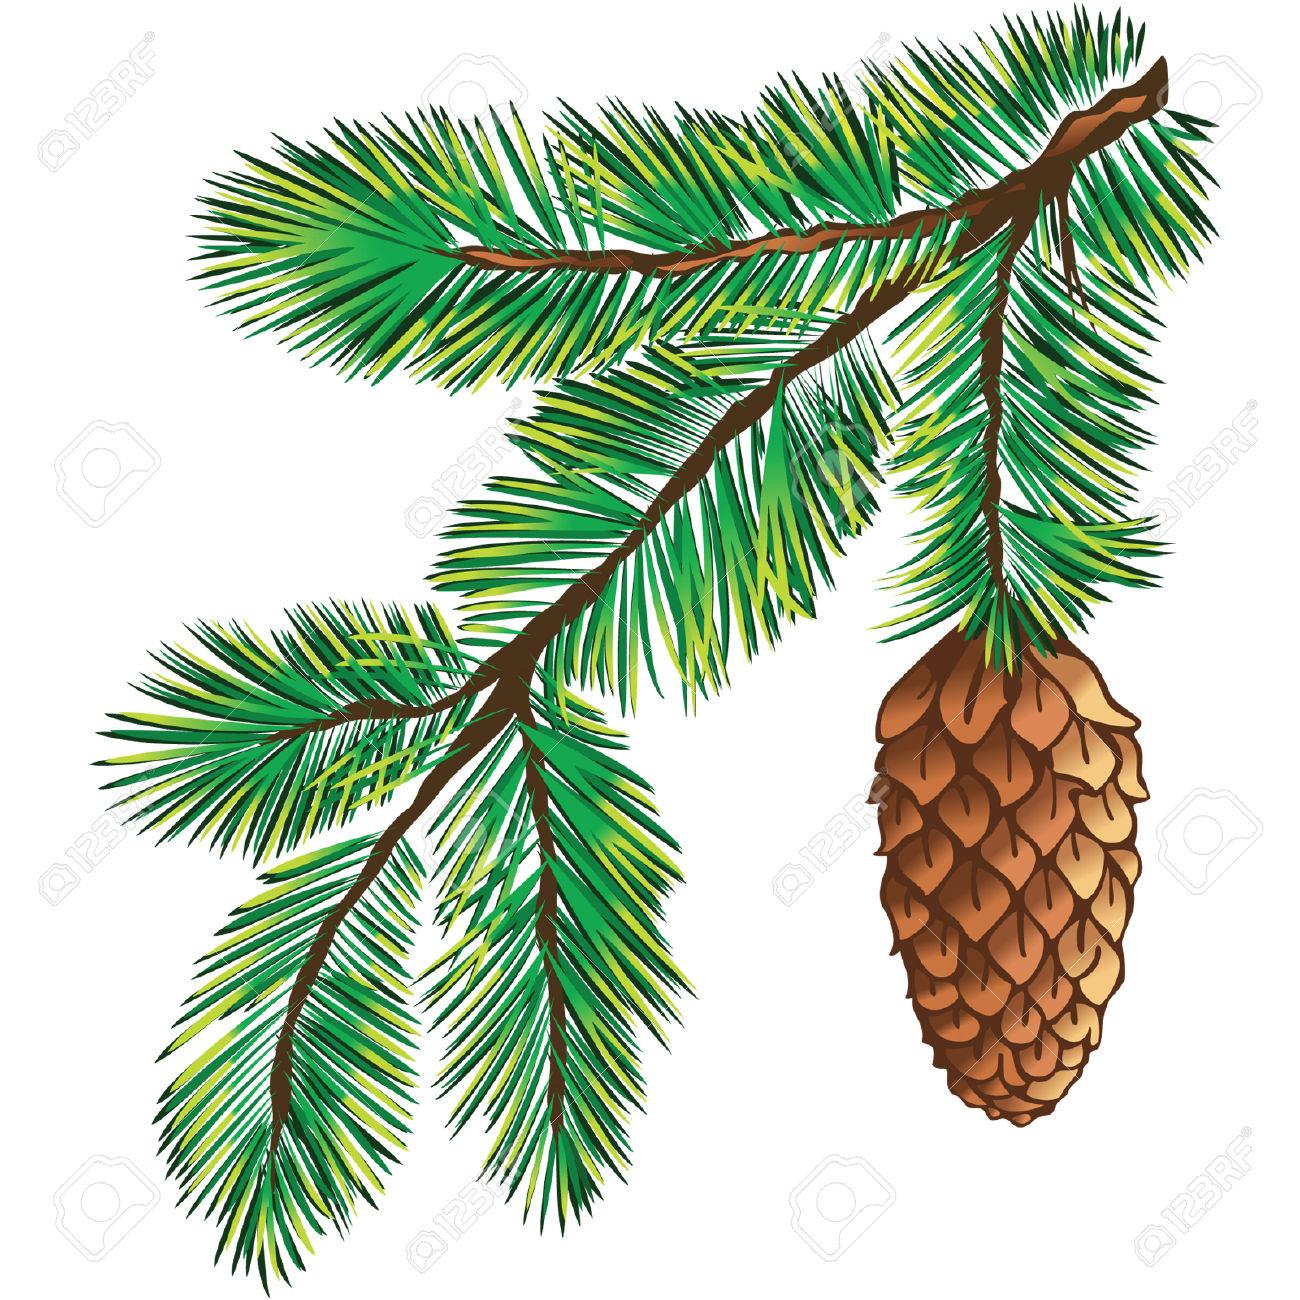 1300x1300 Pine Tree Clipart Pine Needle